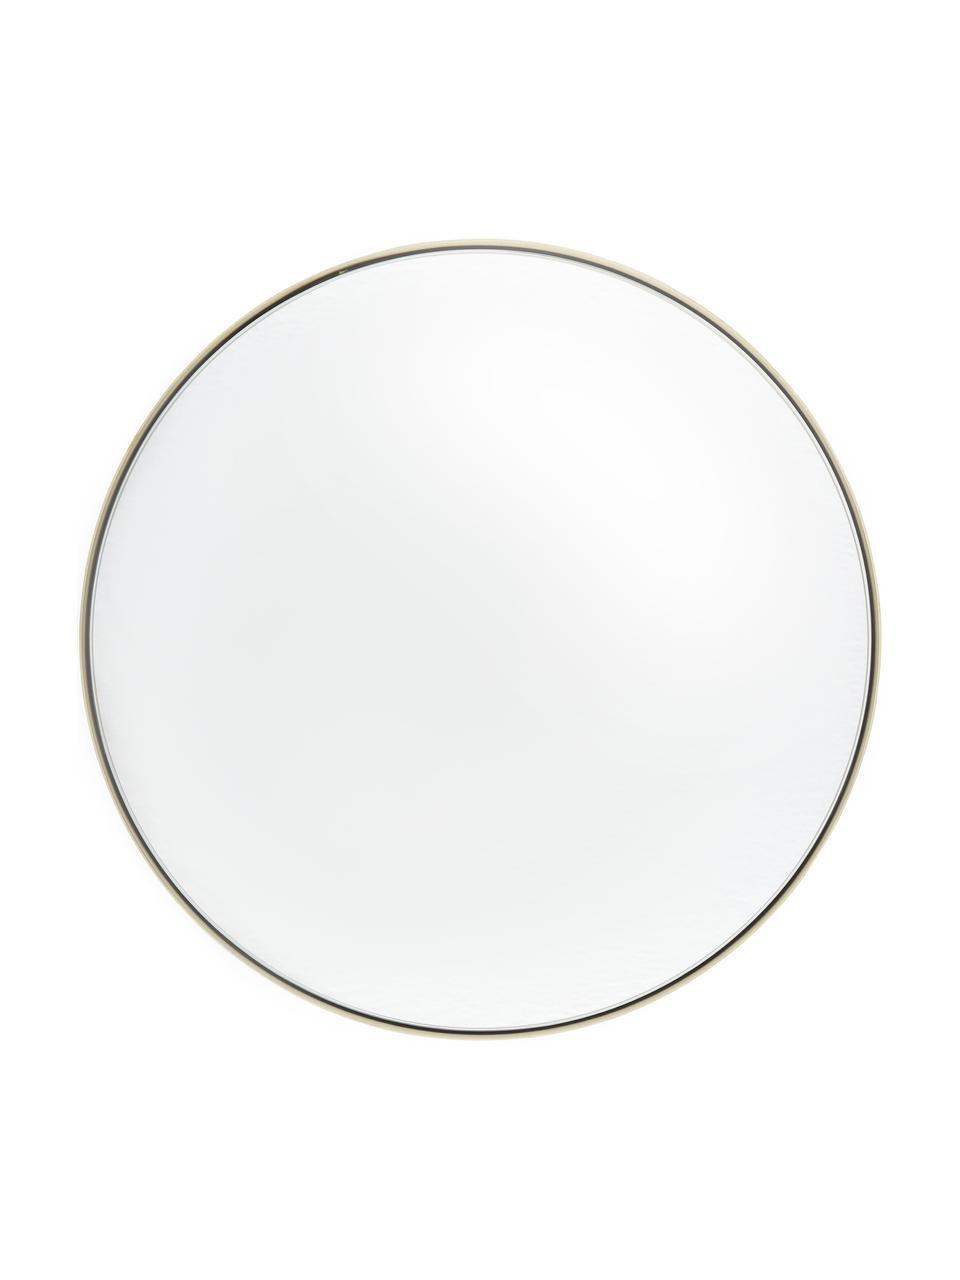 Runder Wandspiegel Ivy mit messingfarbenem Metallrahmen, Rahmen: Metall, beschichtet, Rückseite: Mitteldichte Holzfaserpla, Spiegelfläche: Spiegelglas, Messingfarben, Ø 72 x T 3 cm